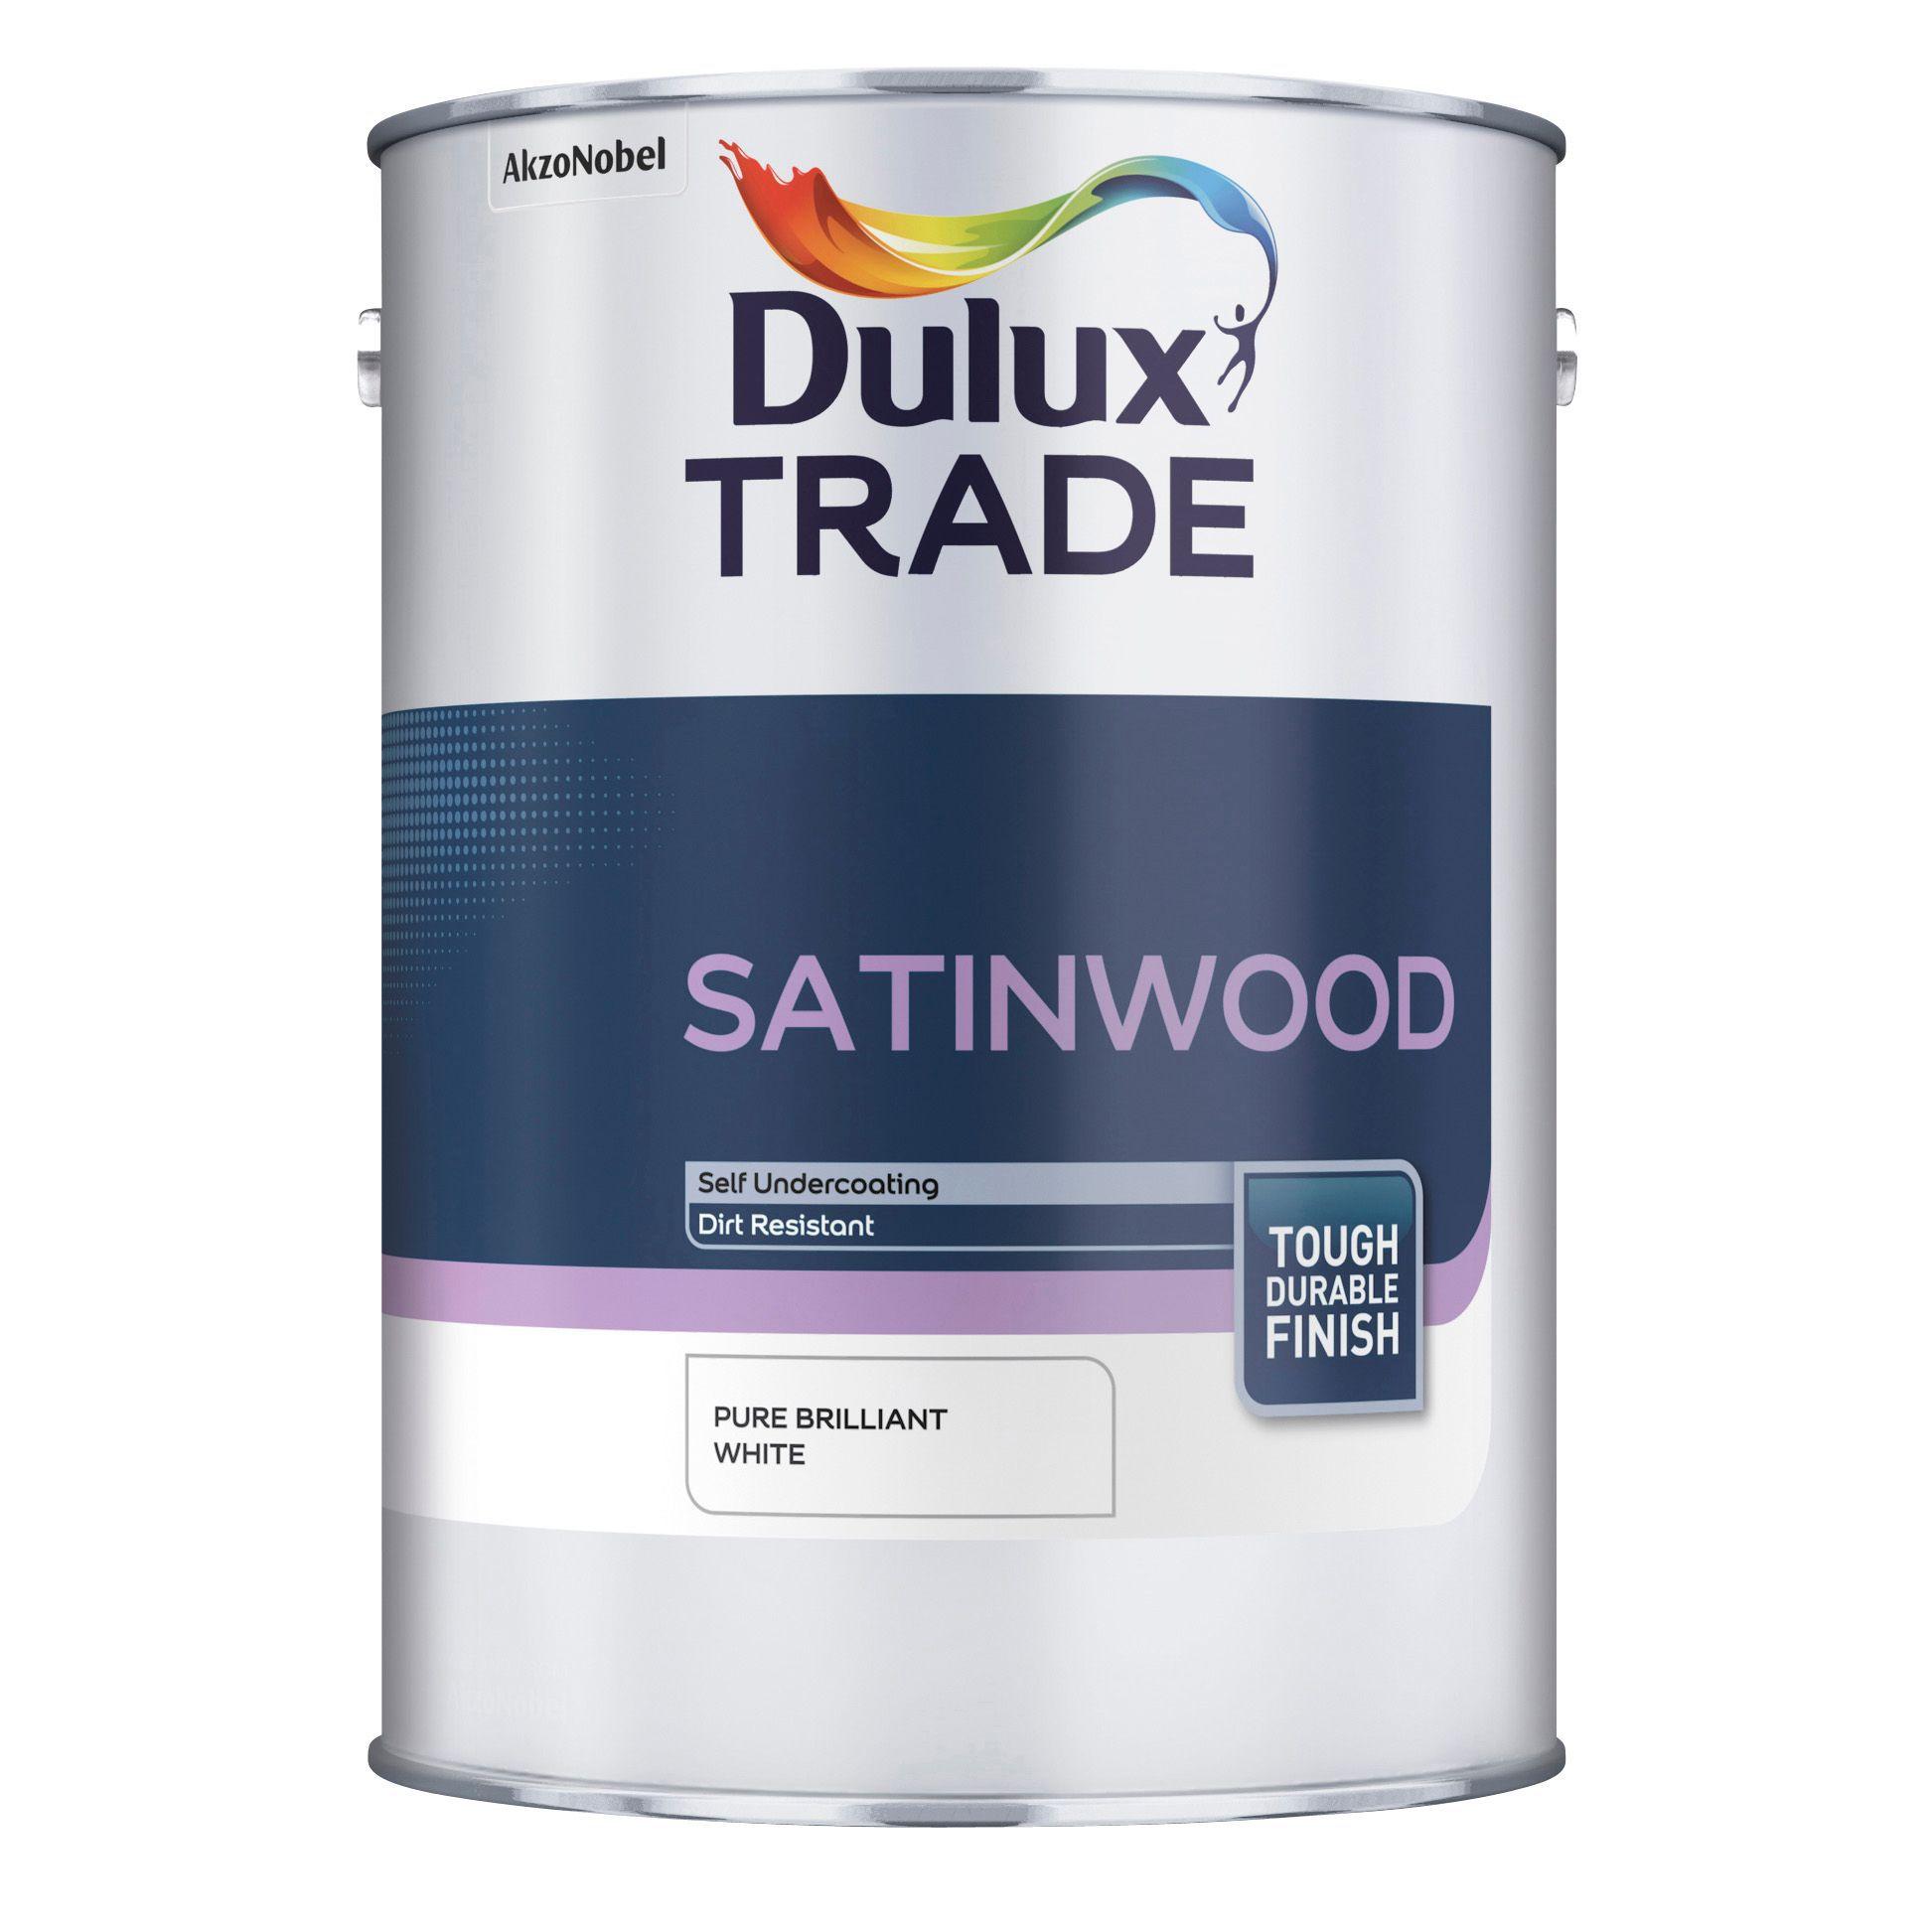 Dulux Trade Interior Brilliant White Satinwood Multipurpose Paint L